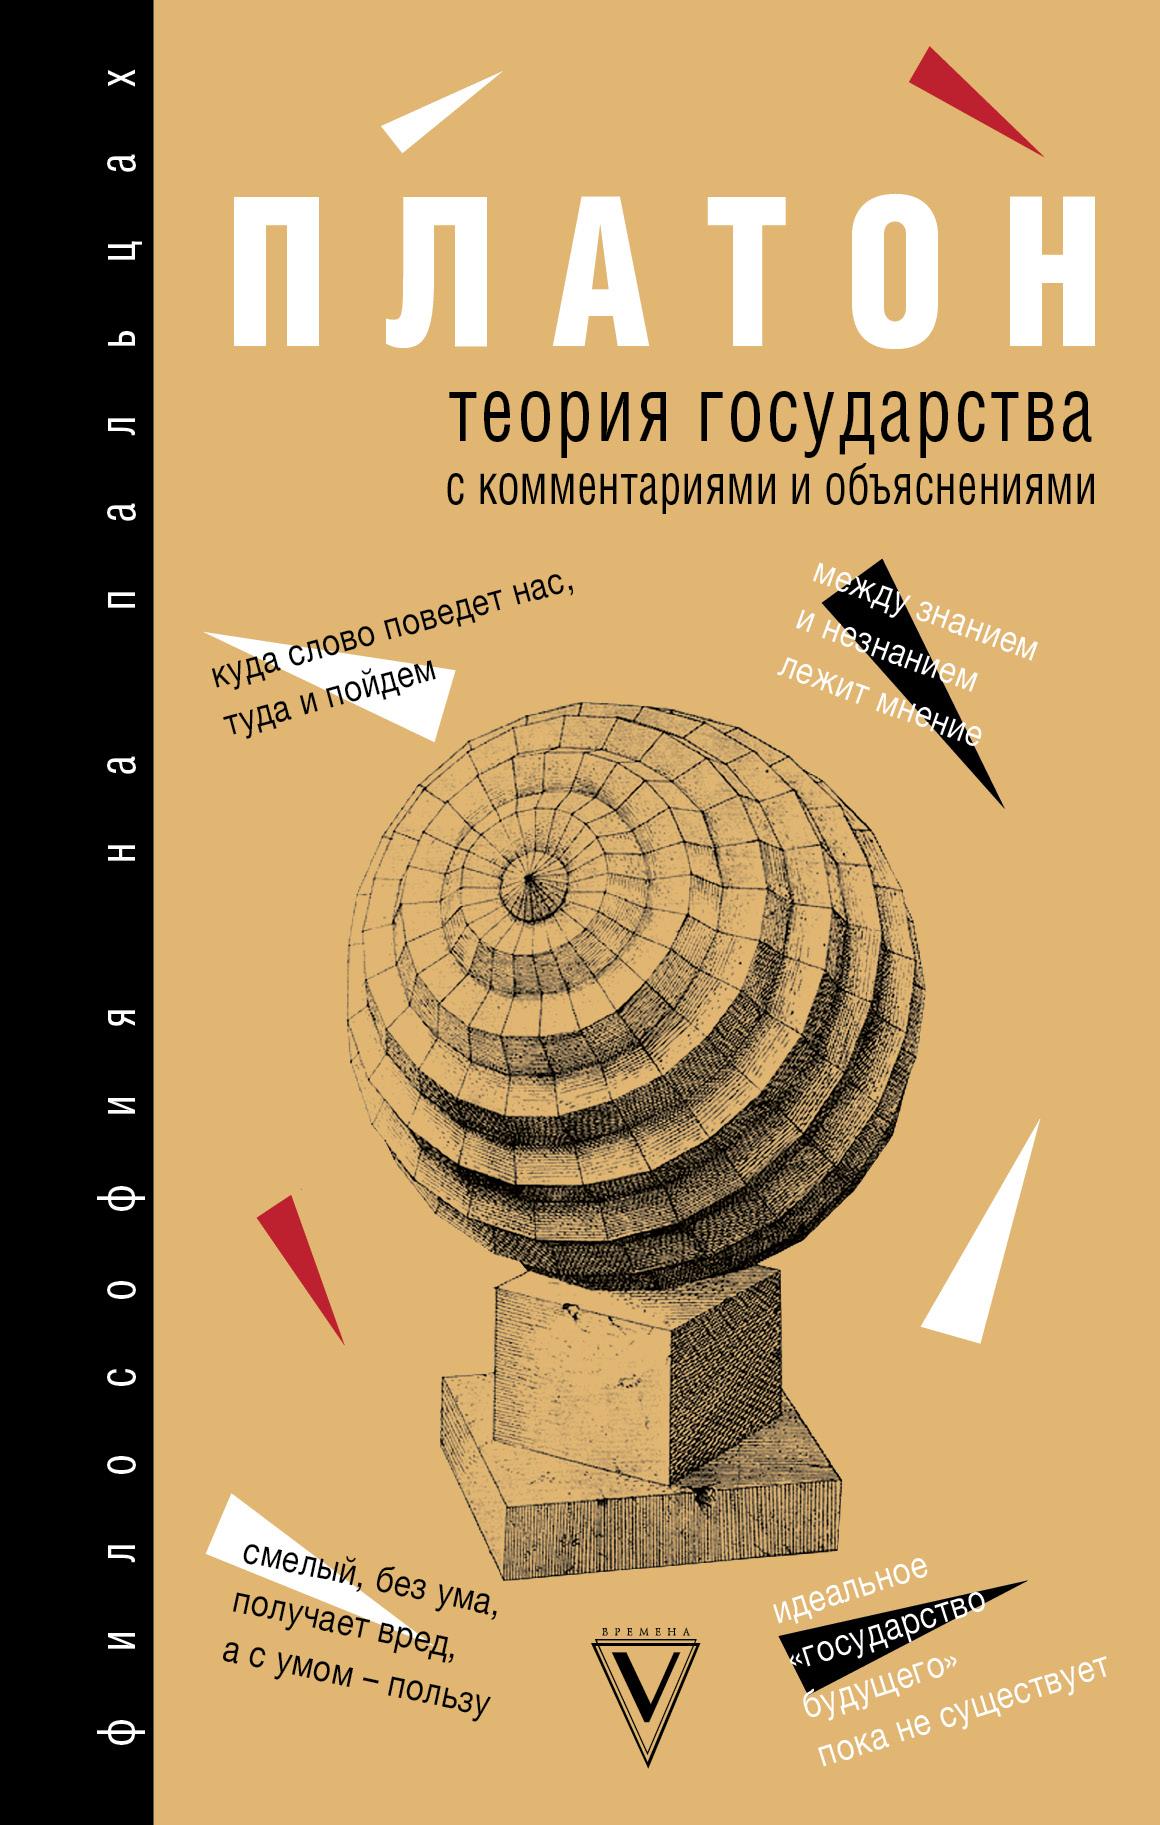 Теория государства с комментариями и объяснениями ( Платон  )